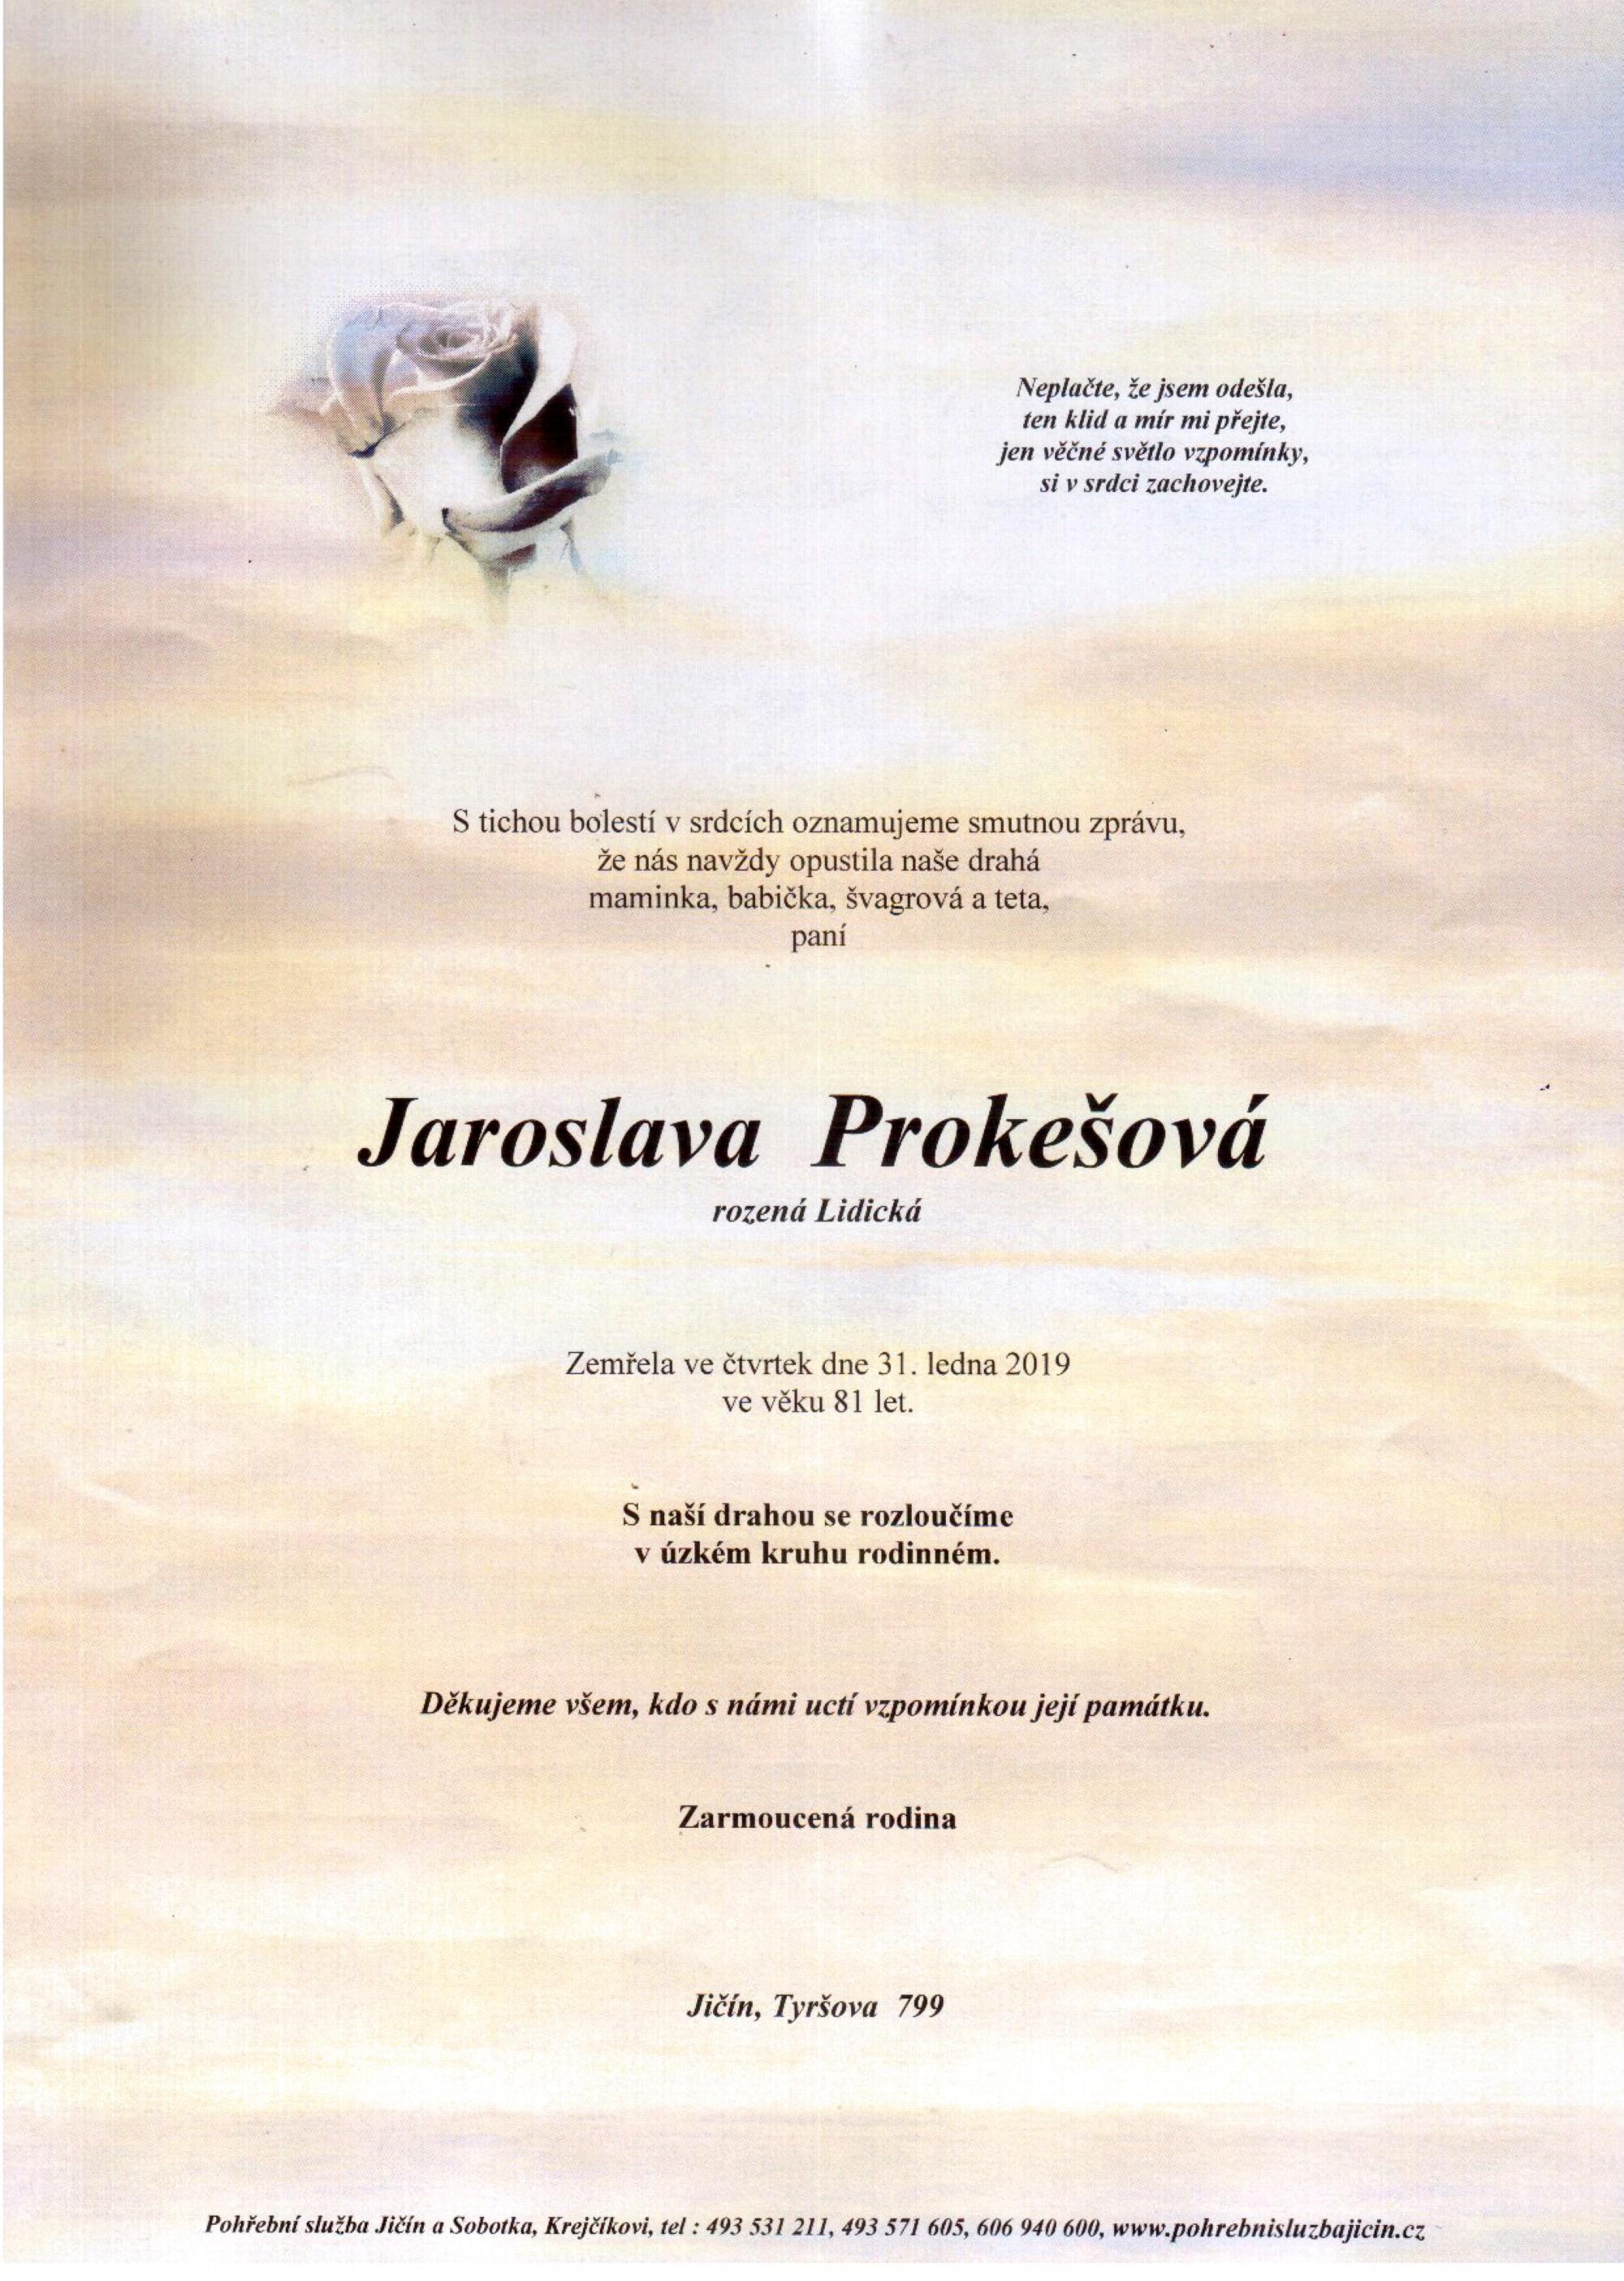 Jaroslava Prokešová